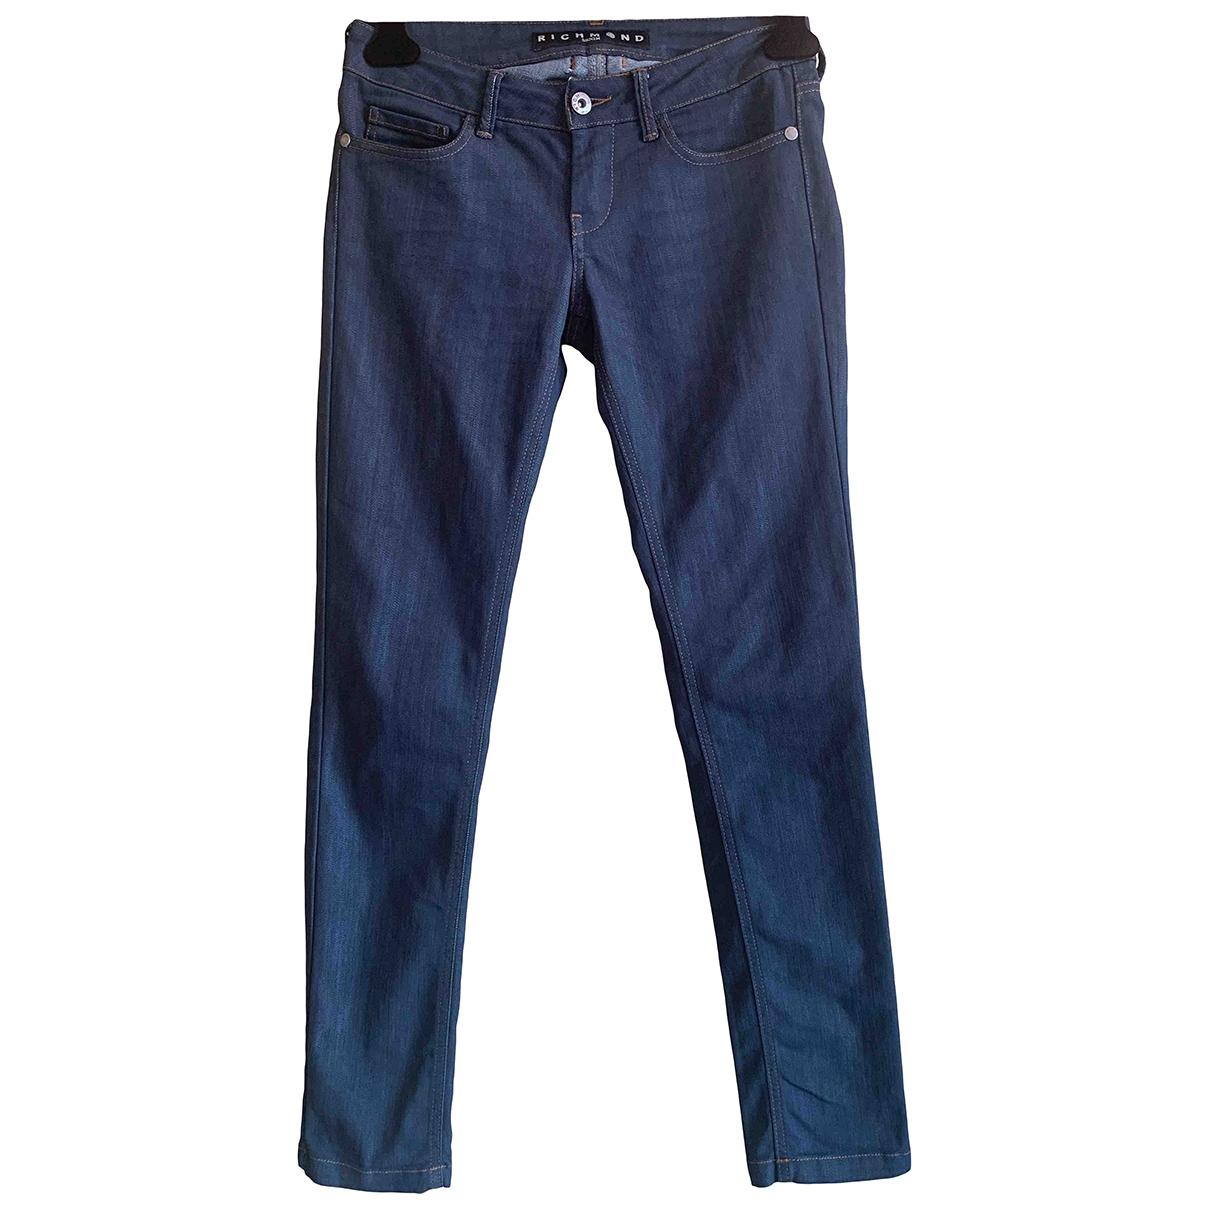 John Richmond \N Blue Denim - Jeans Trousers for Women 40 IT